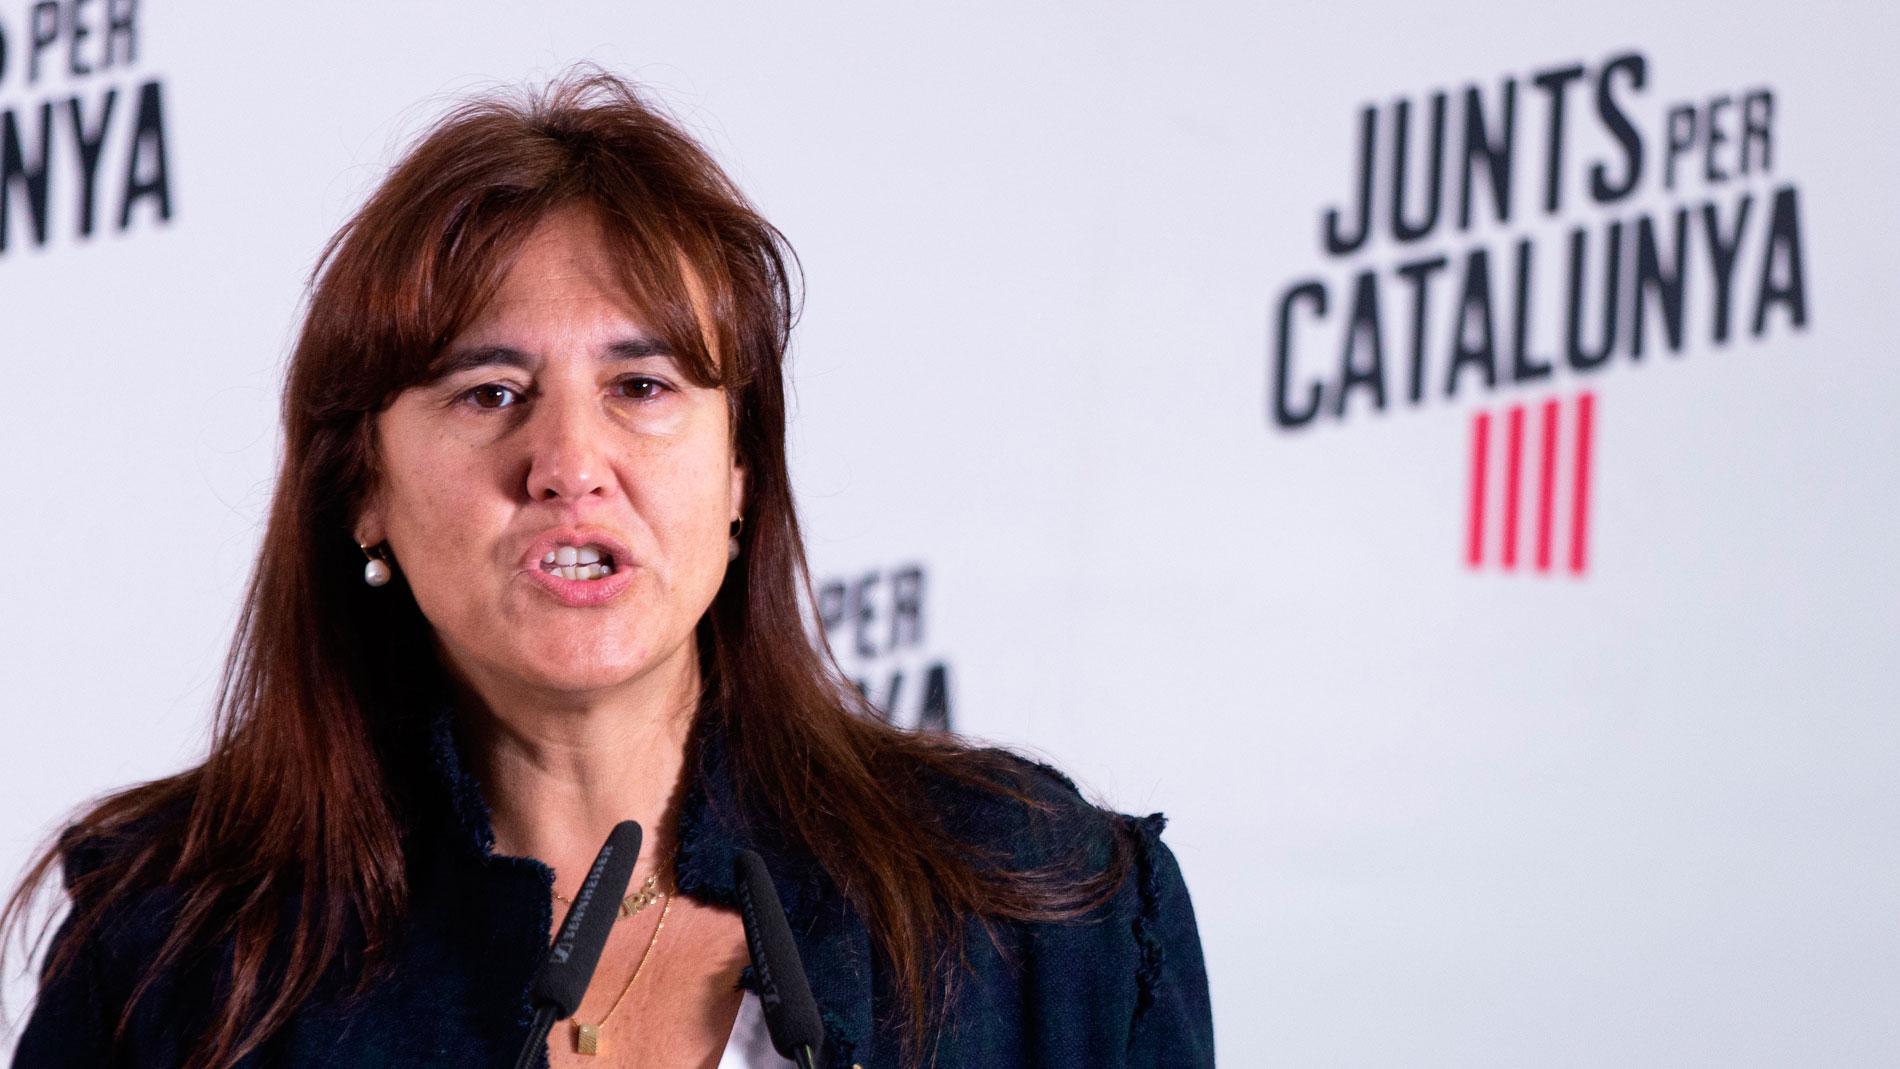 La diputada de JxCat Laura Borràs. EFE/Enric Fontcuberta/Archivo